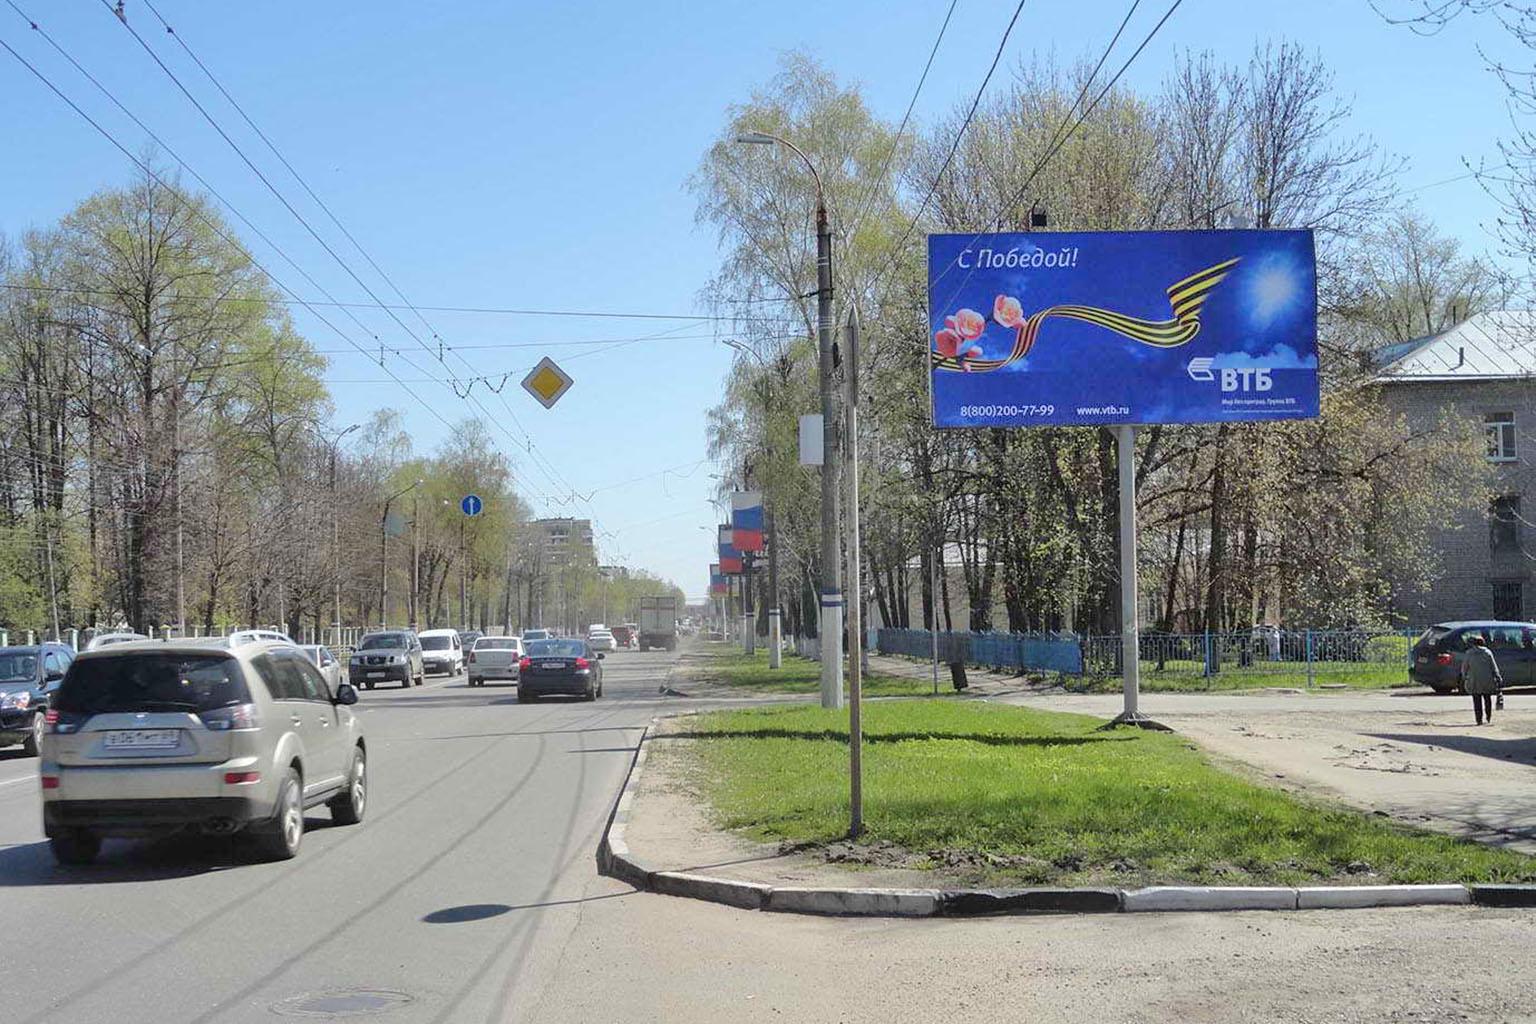 «С Победой!» - билборд Тверь, СПб шоссе, район военного госпиталя